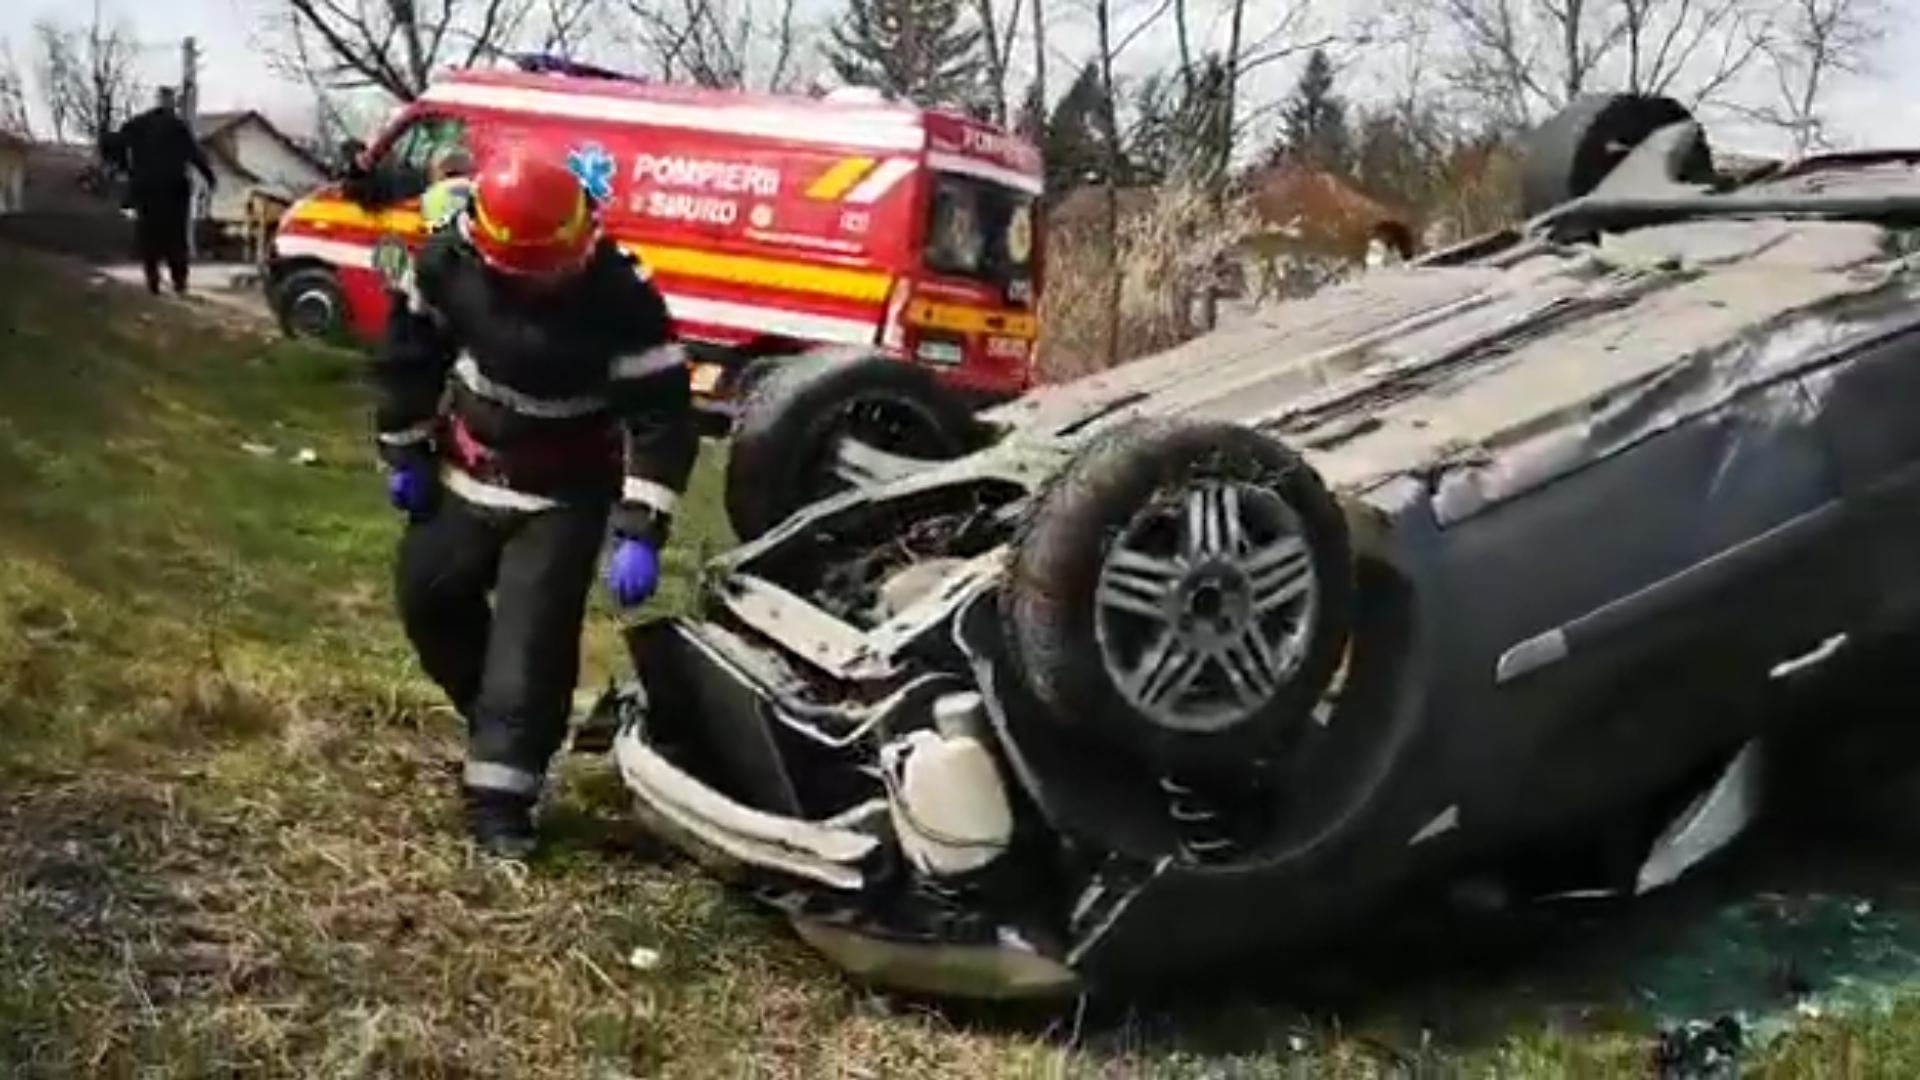 Video | Accident tragic în Argeș: un șofer a murit, după ce mașina sa s-a răsturnat și a fost proiectat în afara vehiculului